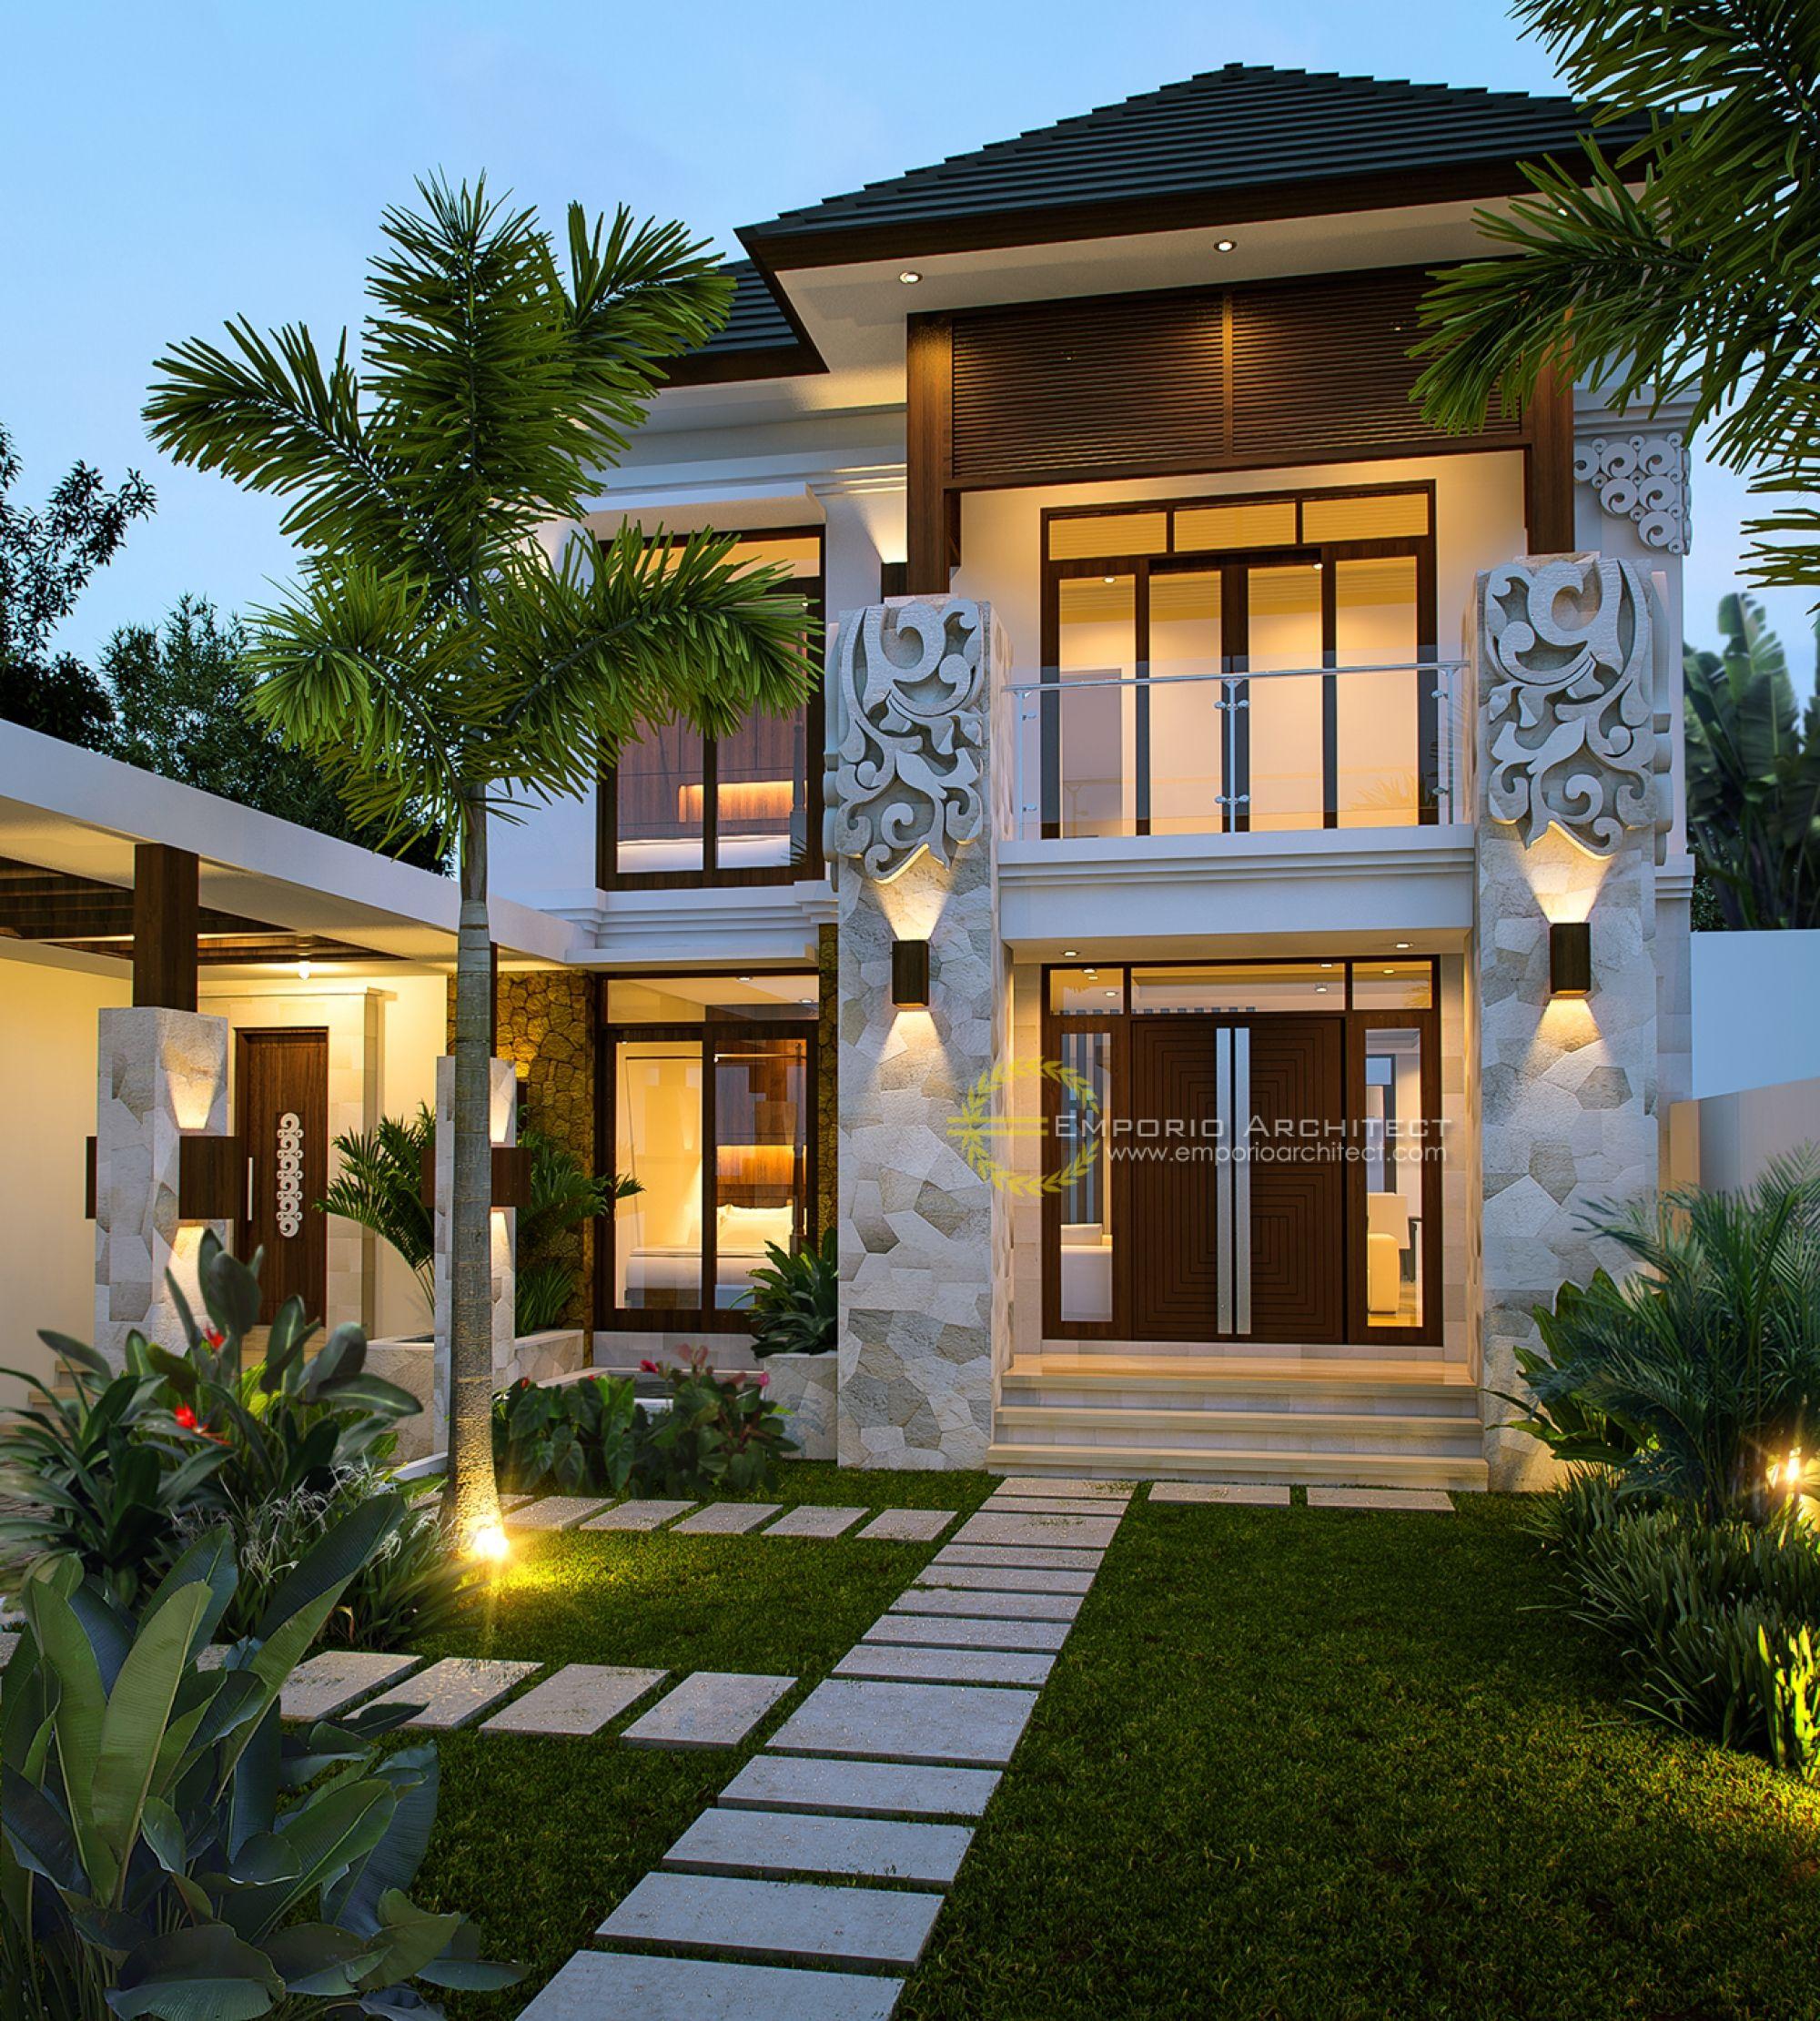 Desain Rumah Ibu Yeny Jasa Arsitek Desain Rumah Villa Mewah Arsitek Rumah Indah Desain Rumah